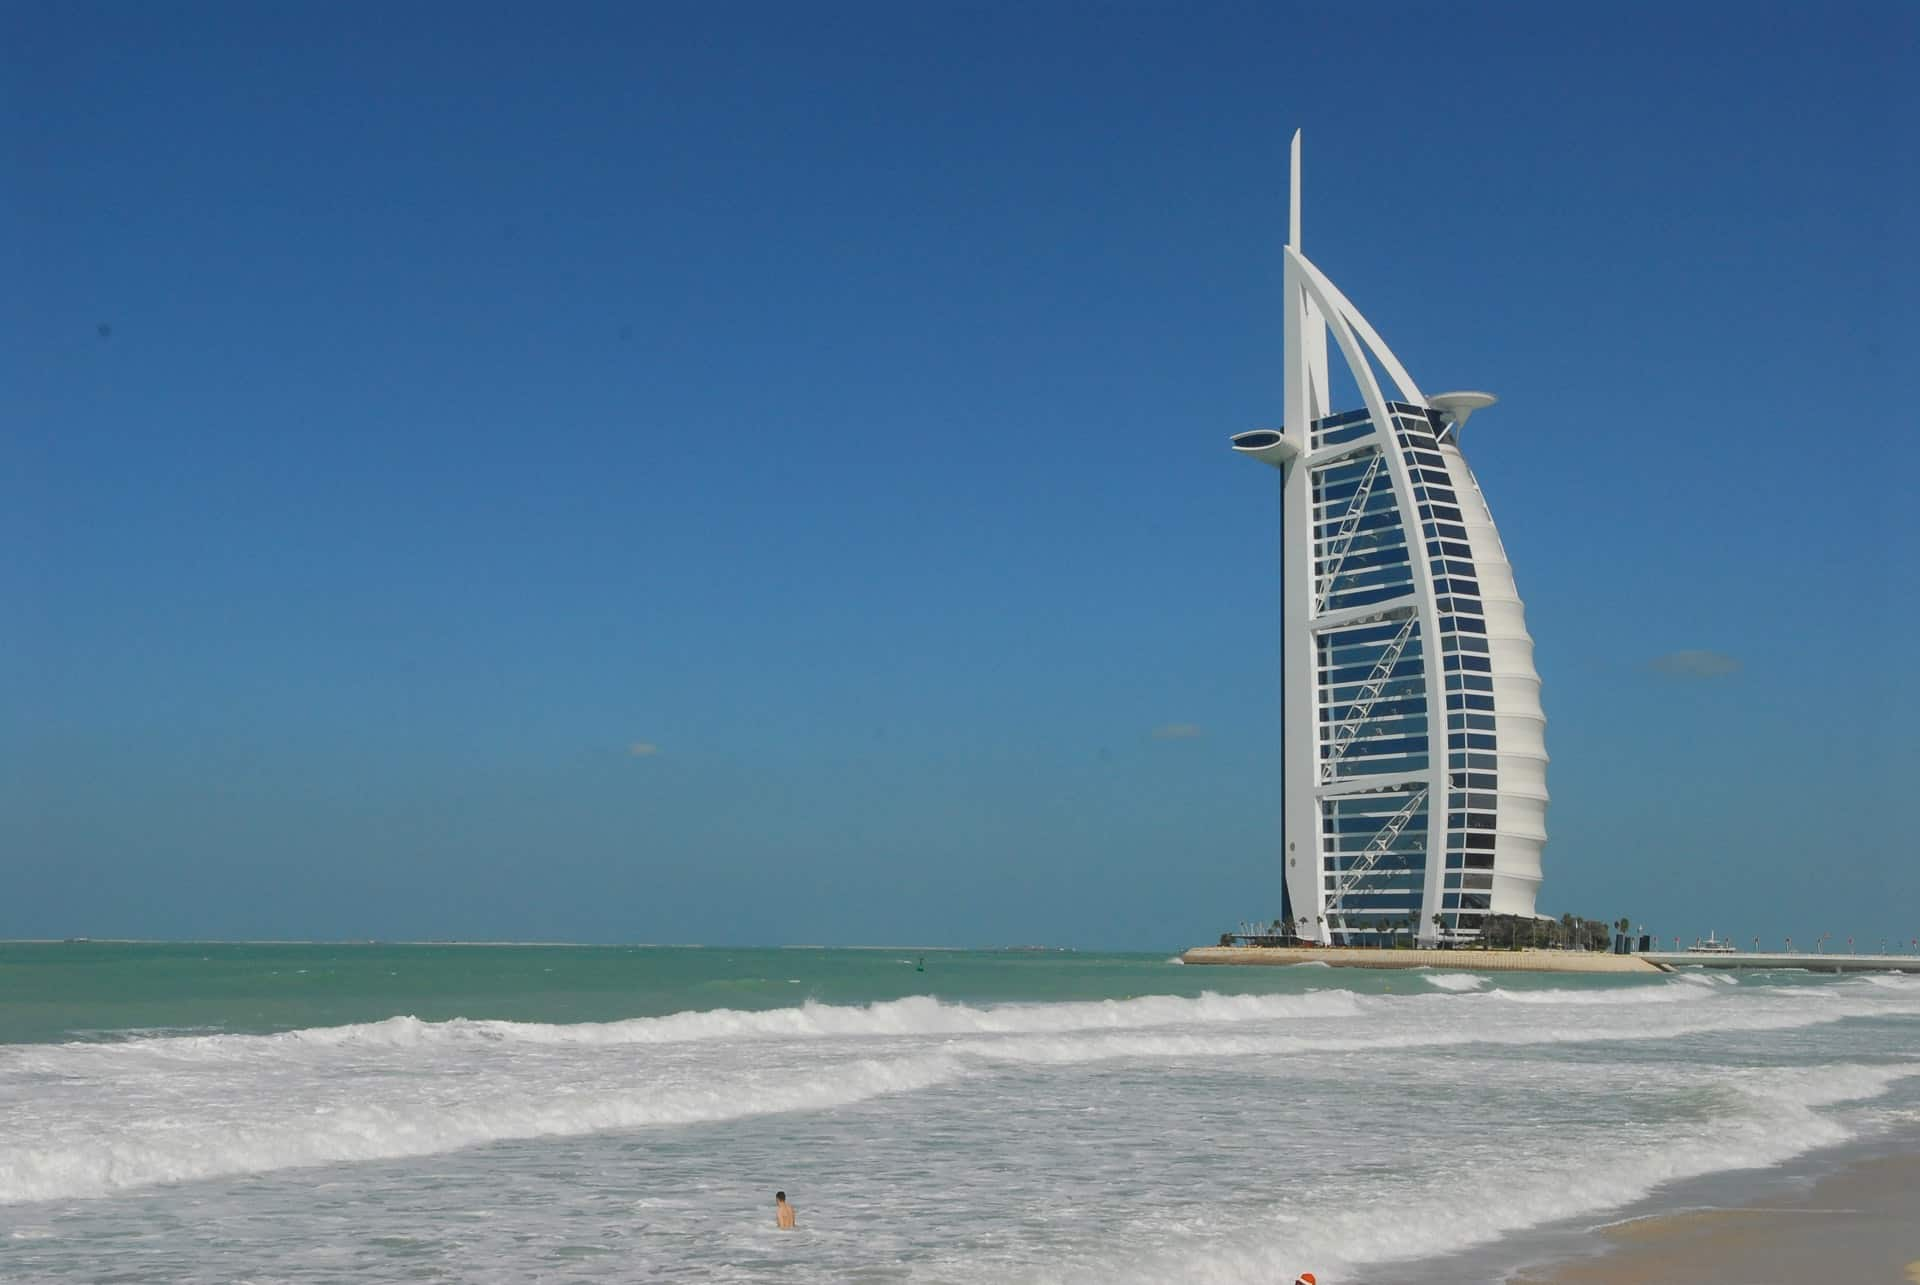 Dubai Stadt - das wohl bekannteste Emirat